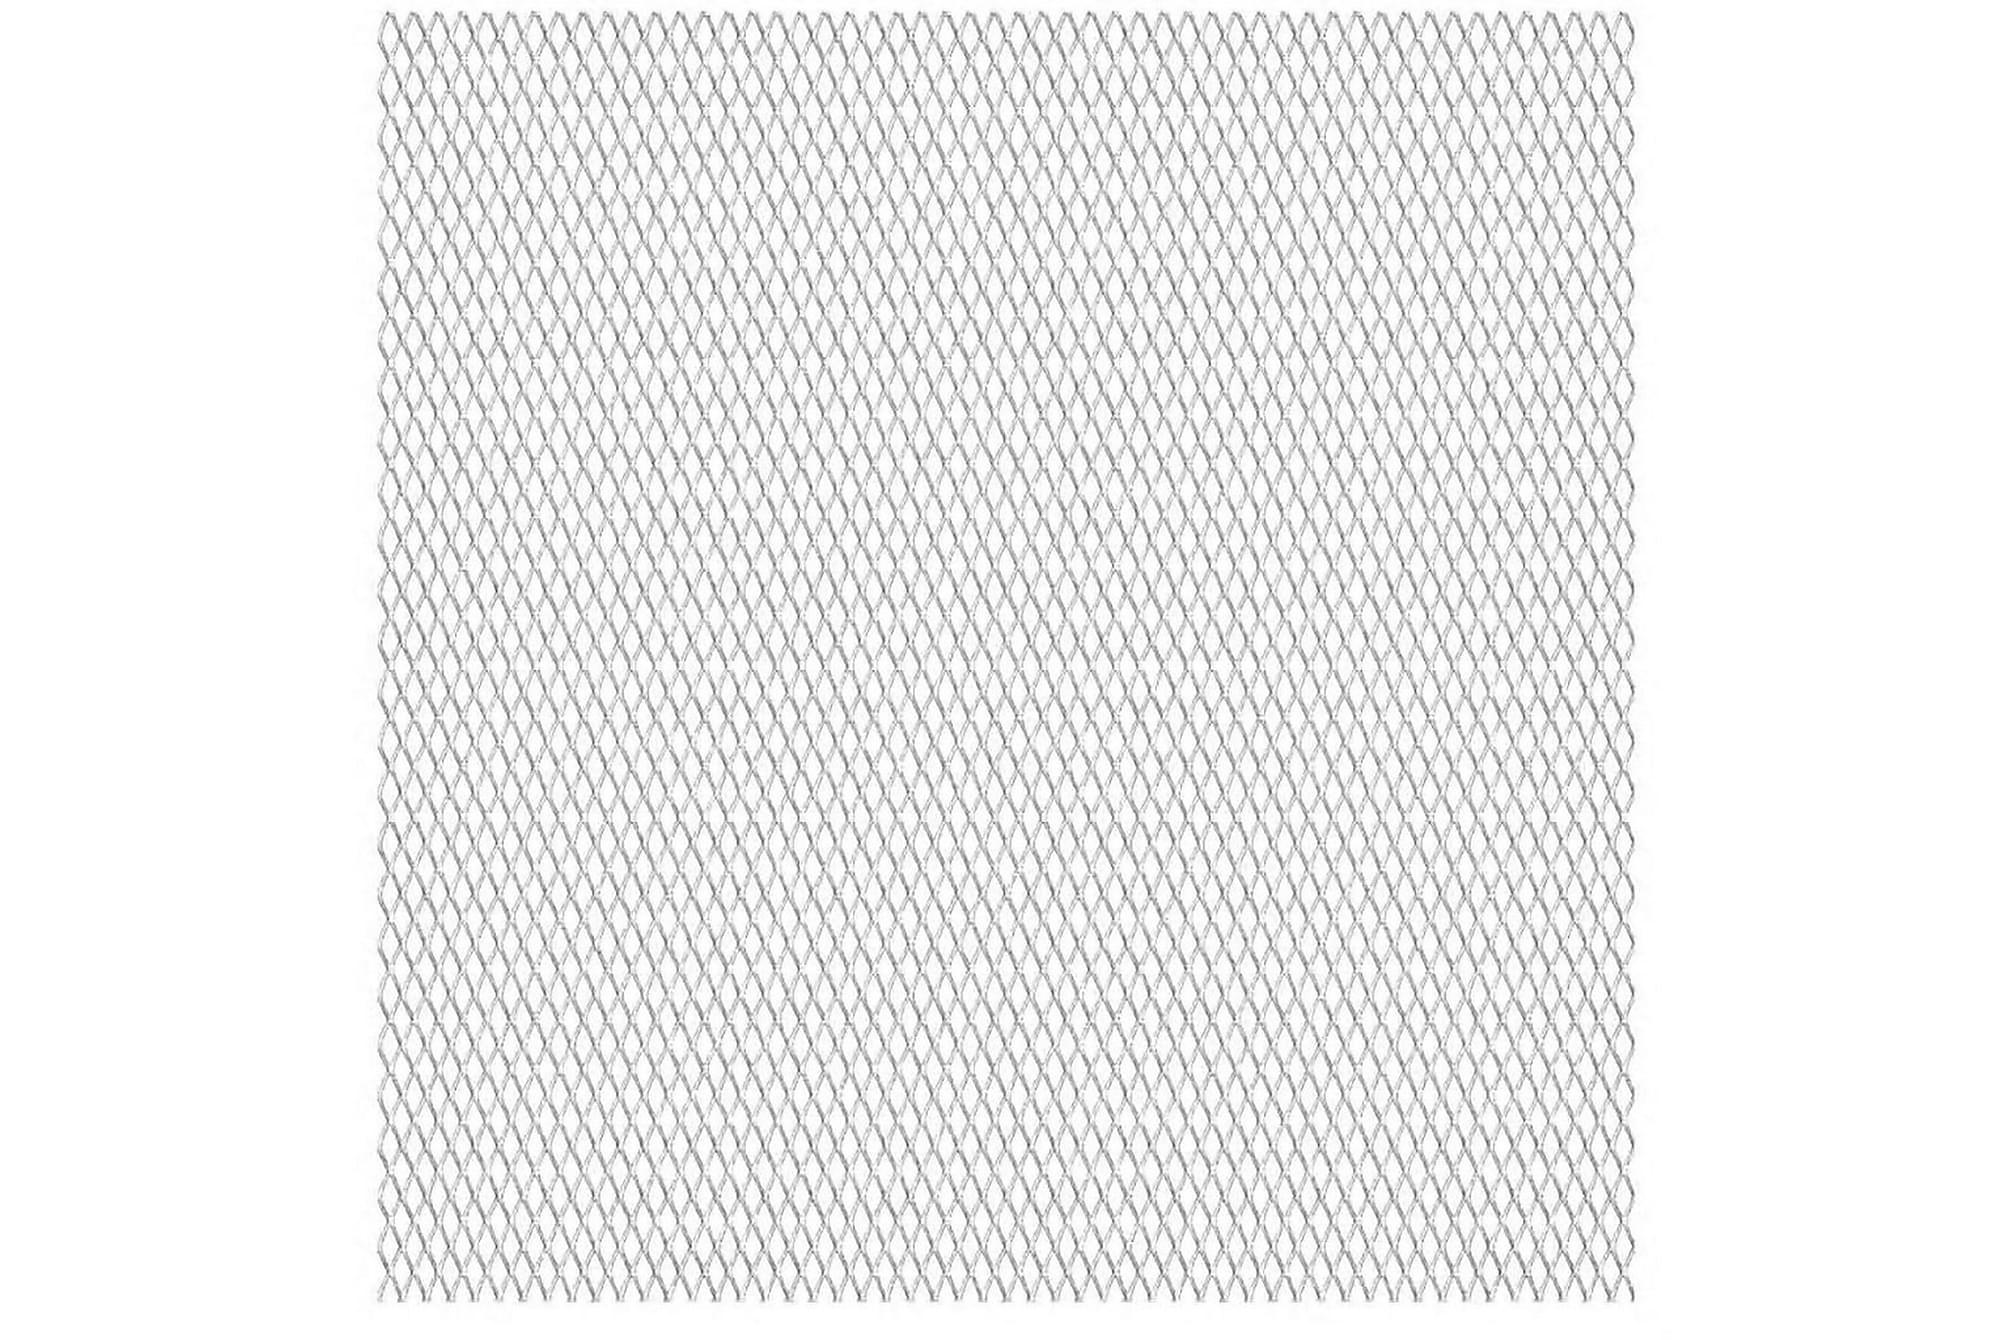 Platta av sträckmetall i rostfritt stål 50×50 cm 20x10x2 mm